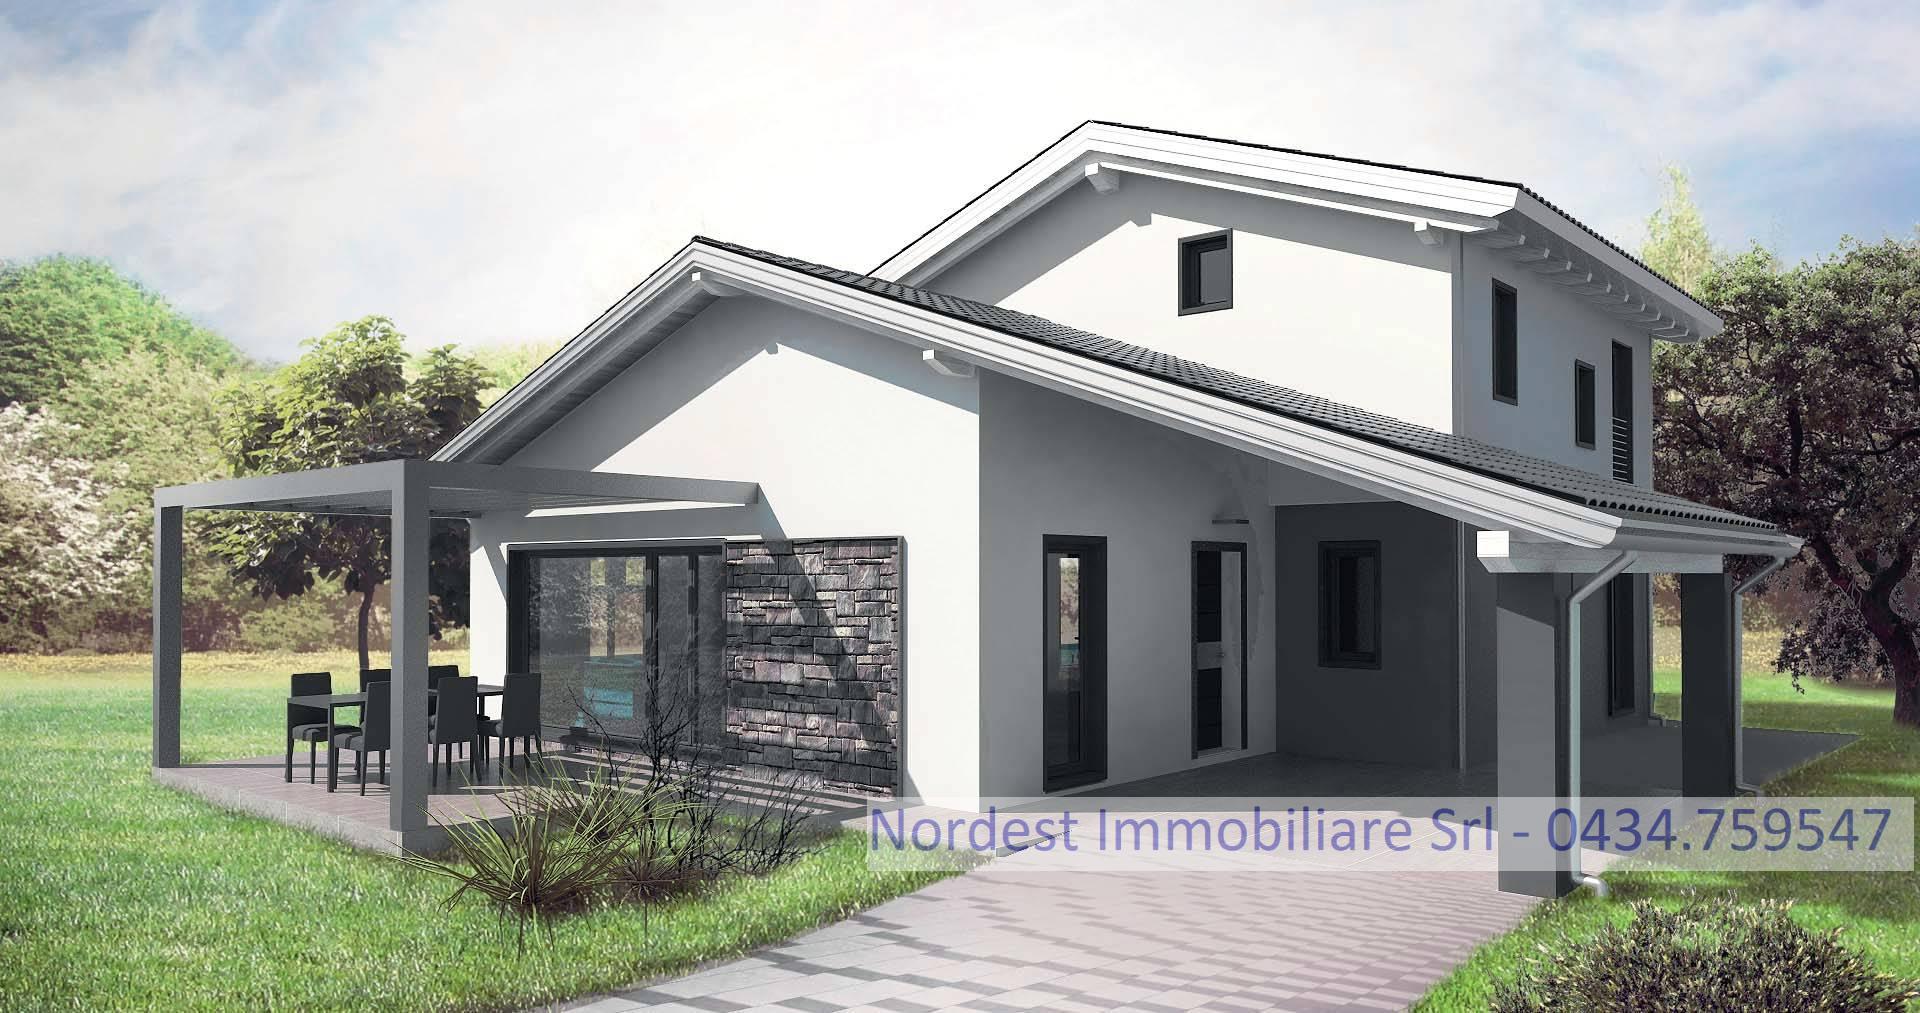 Soluzione Indipendente in vendita a Mareno di Piave, 6 locali, prezzo € 160.000 | CambioCasa.it